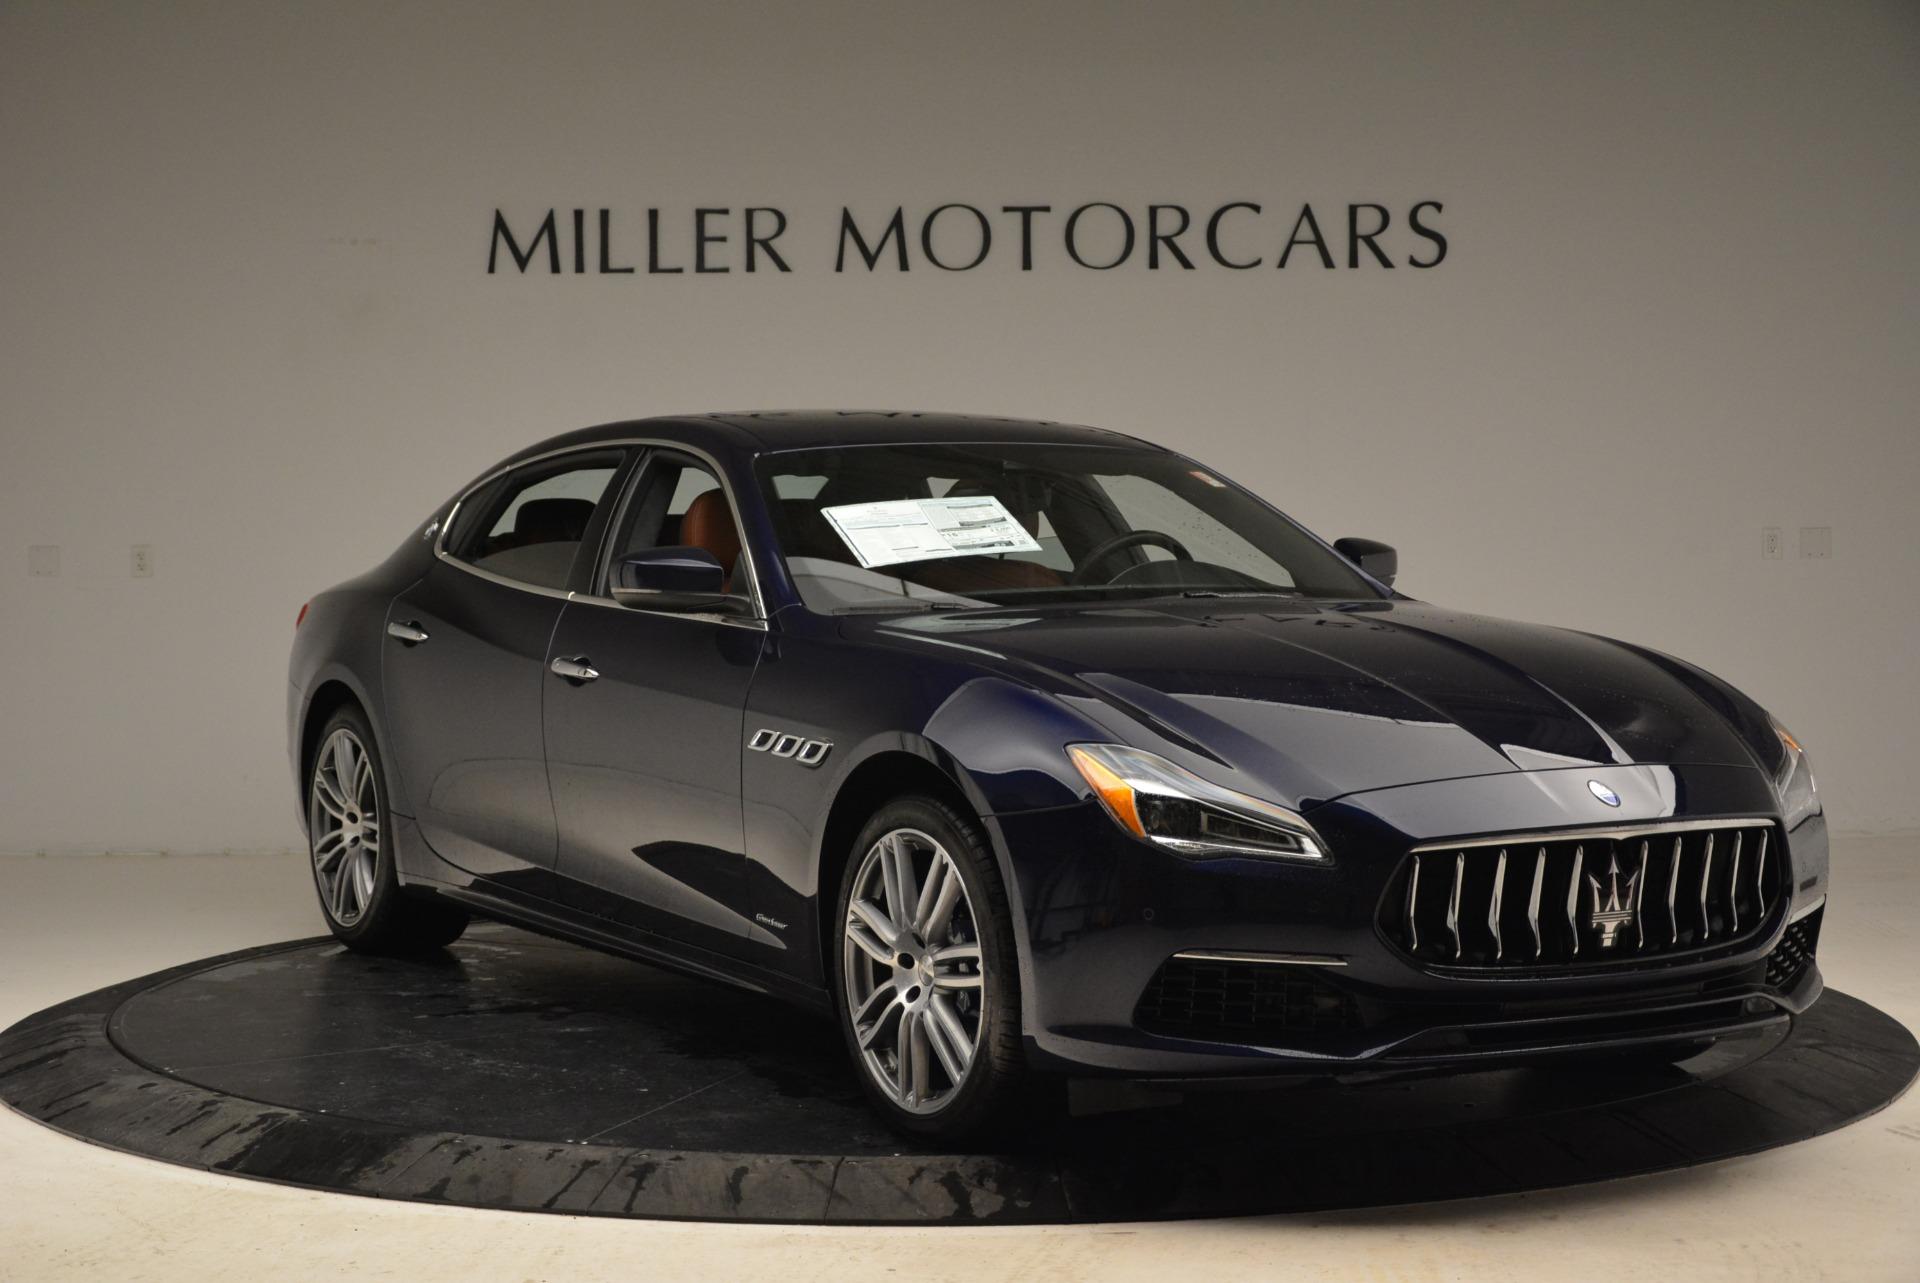 New 2018 Maserati Quattroporte S Q4 GranLusso For Sale In Greenwich, CT 1816_p11